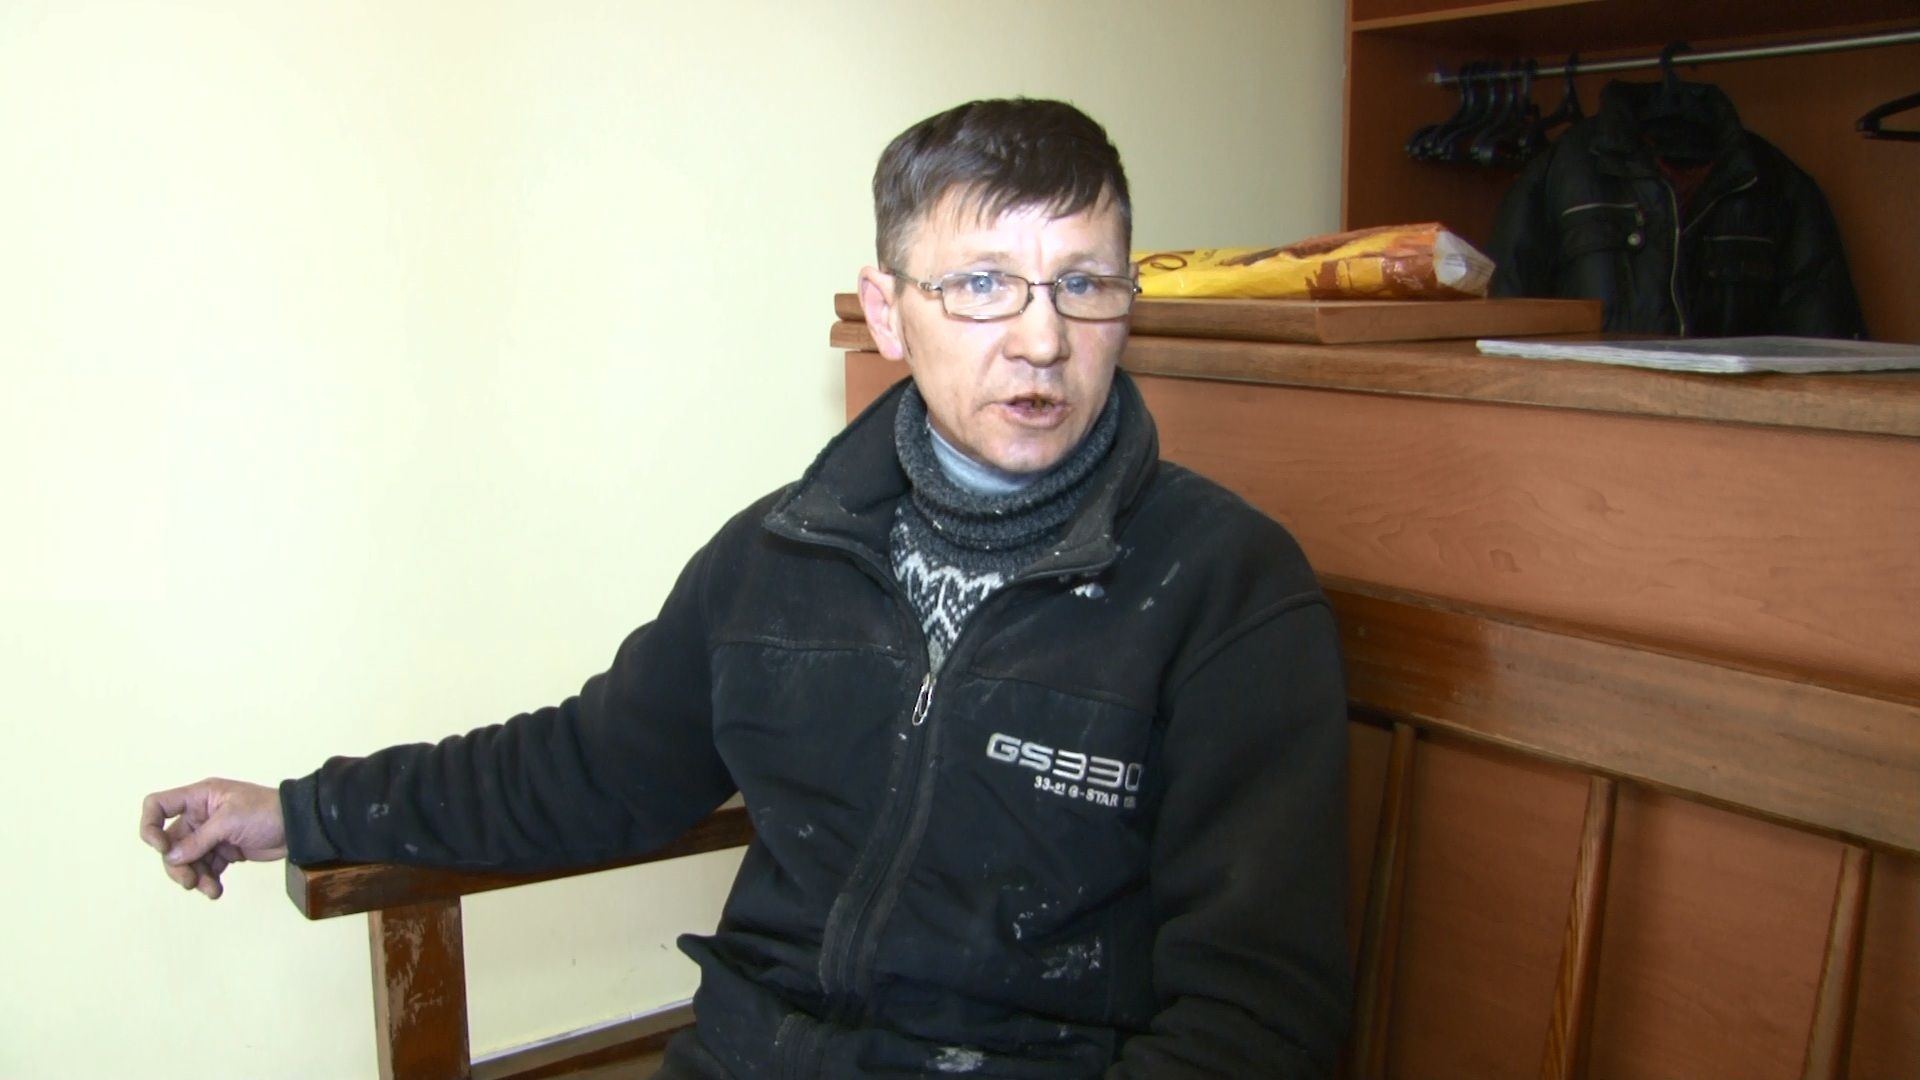 Осужденный костанайской колонии-поселения подал в суд на экс-сотрудника исправительного учреждения